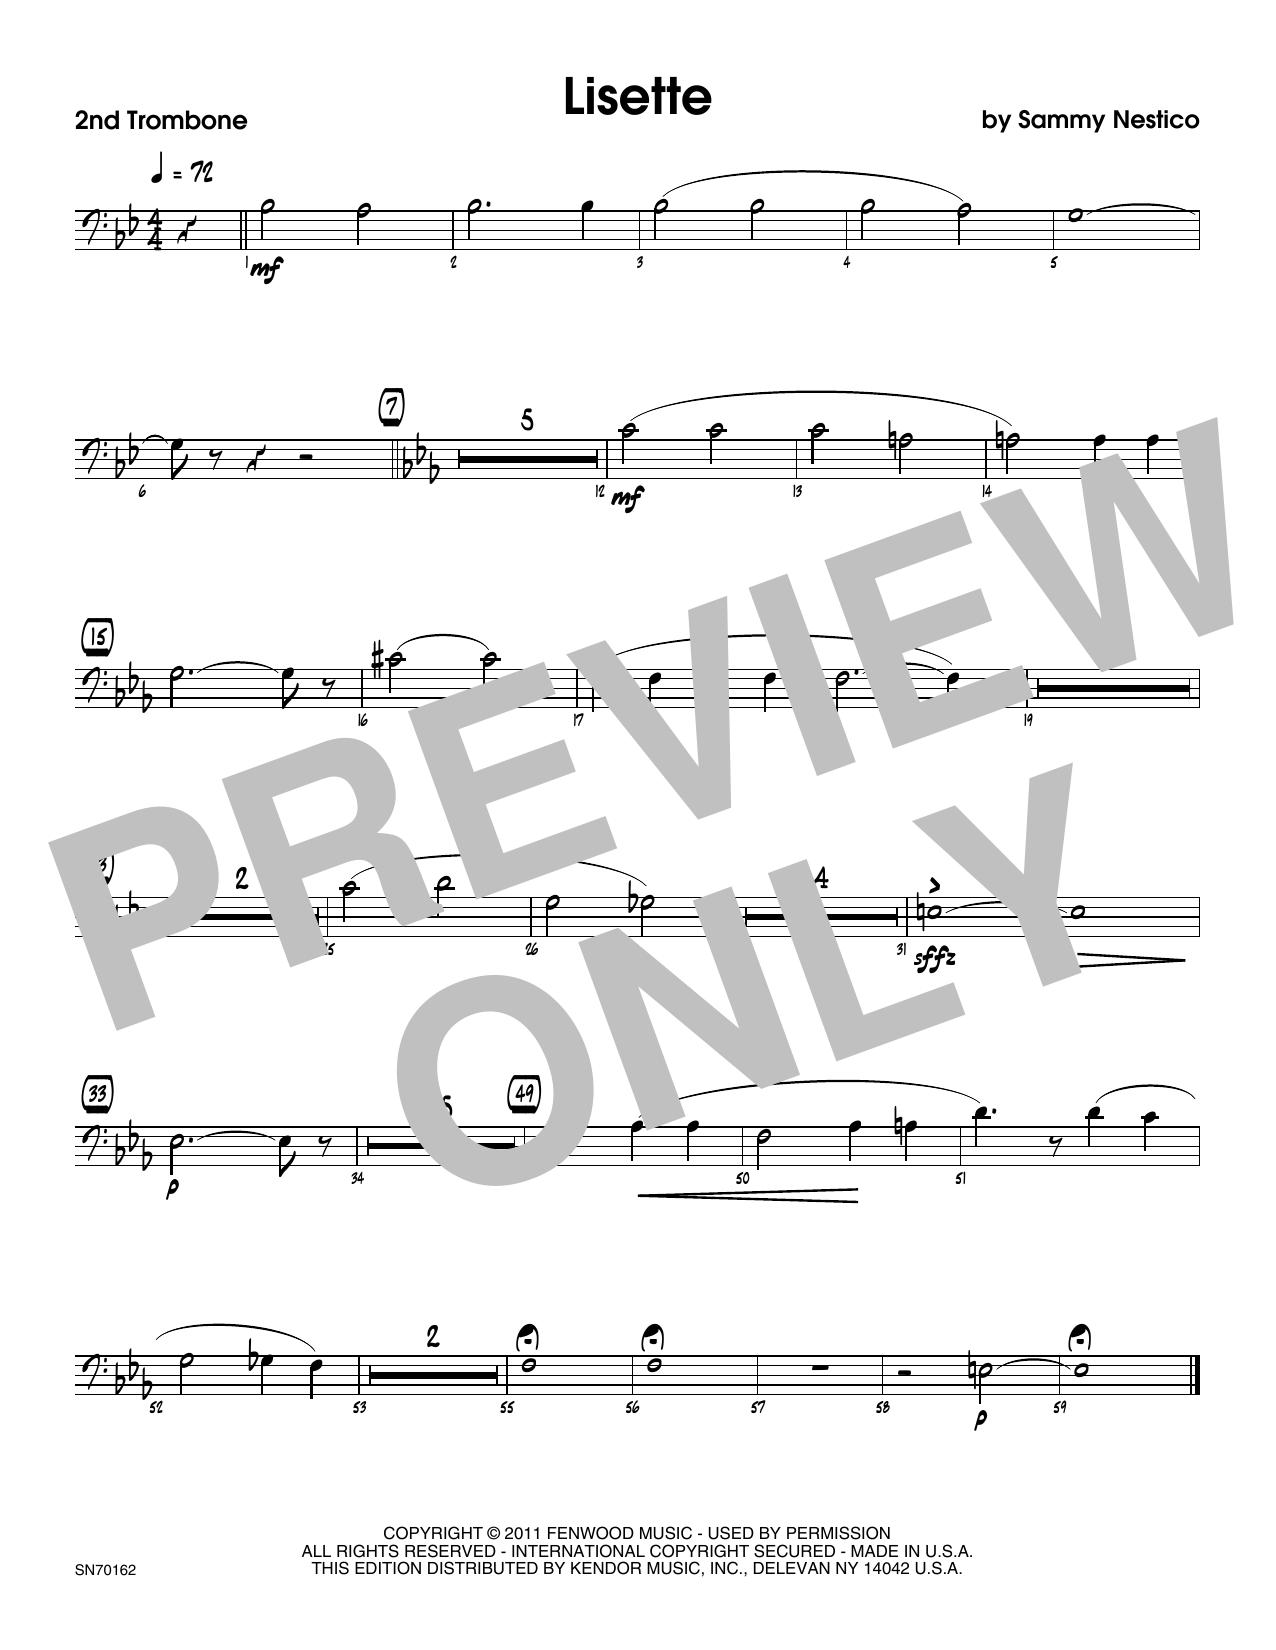 Lisette - 2nd Trombone Sheet Music